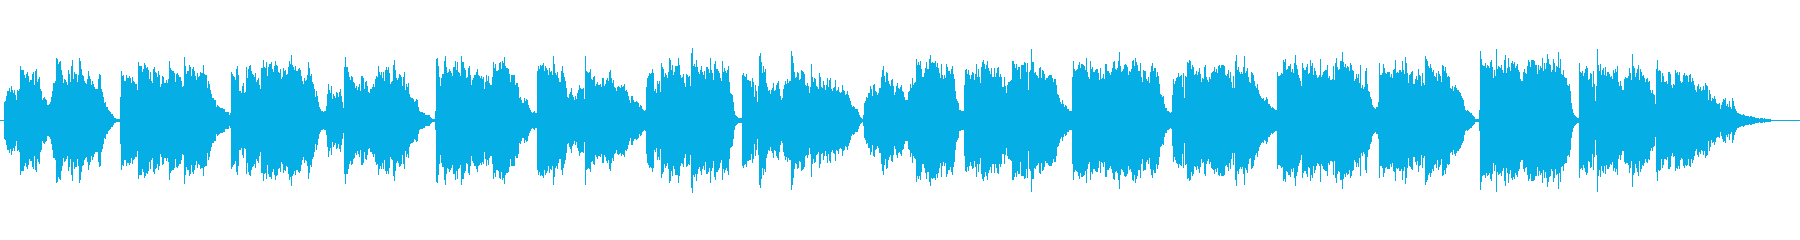 童謡「朧月夜」の篠笛生演奏の再生済みの波形